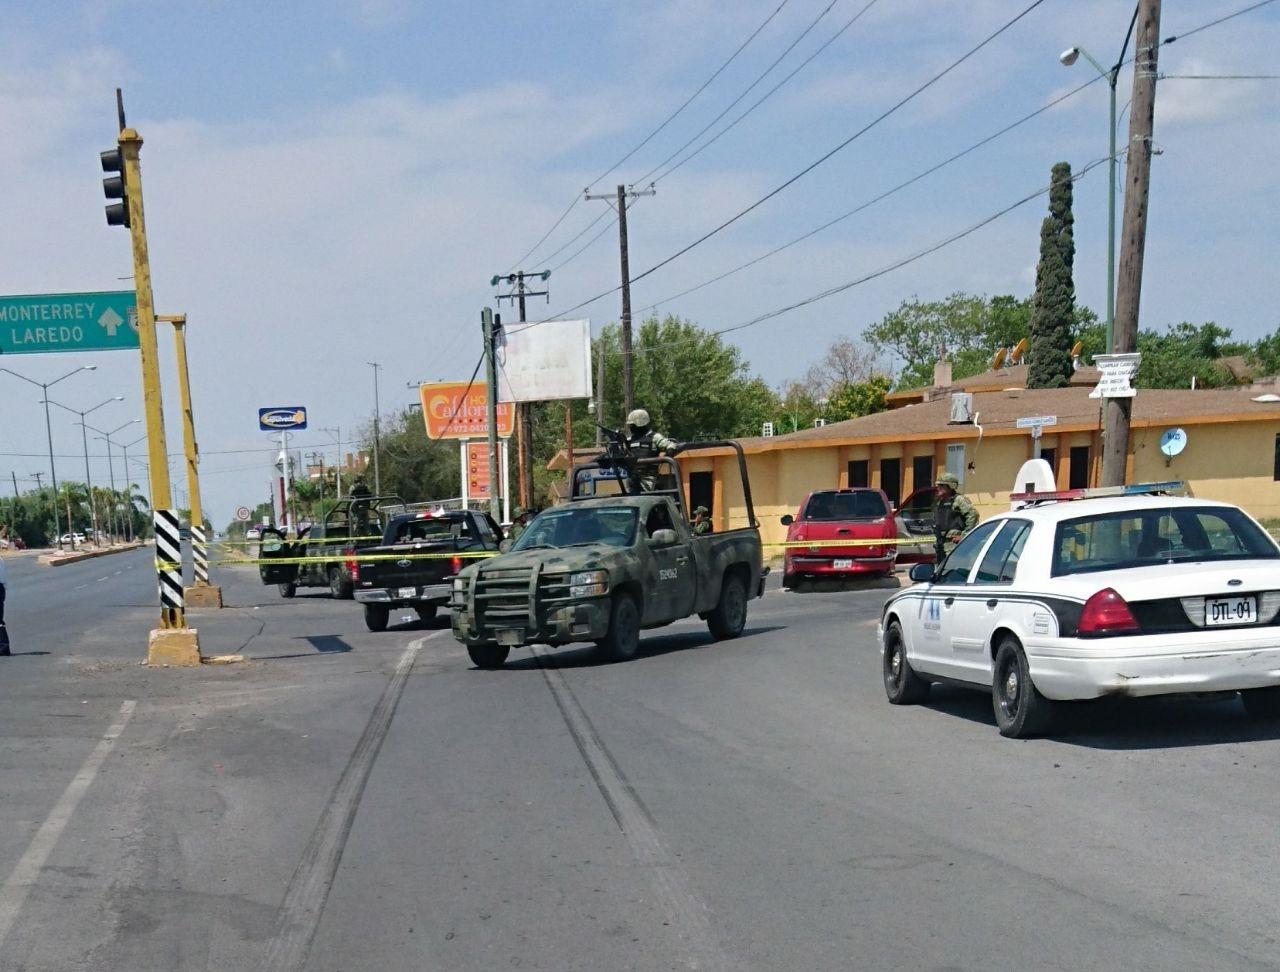 ACORDONAN. Elementos militares y agentes viales acordonaron el área del accidente y donde la unidad en fuga dejó visibles huellas de frenamiento por más de 15 metros.